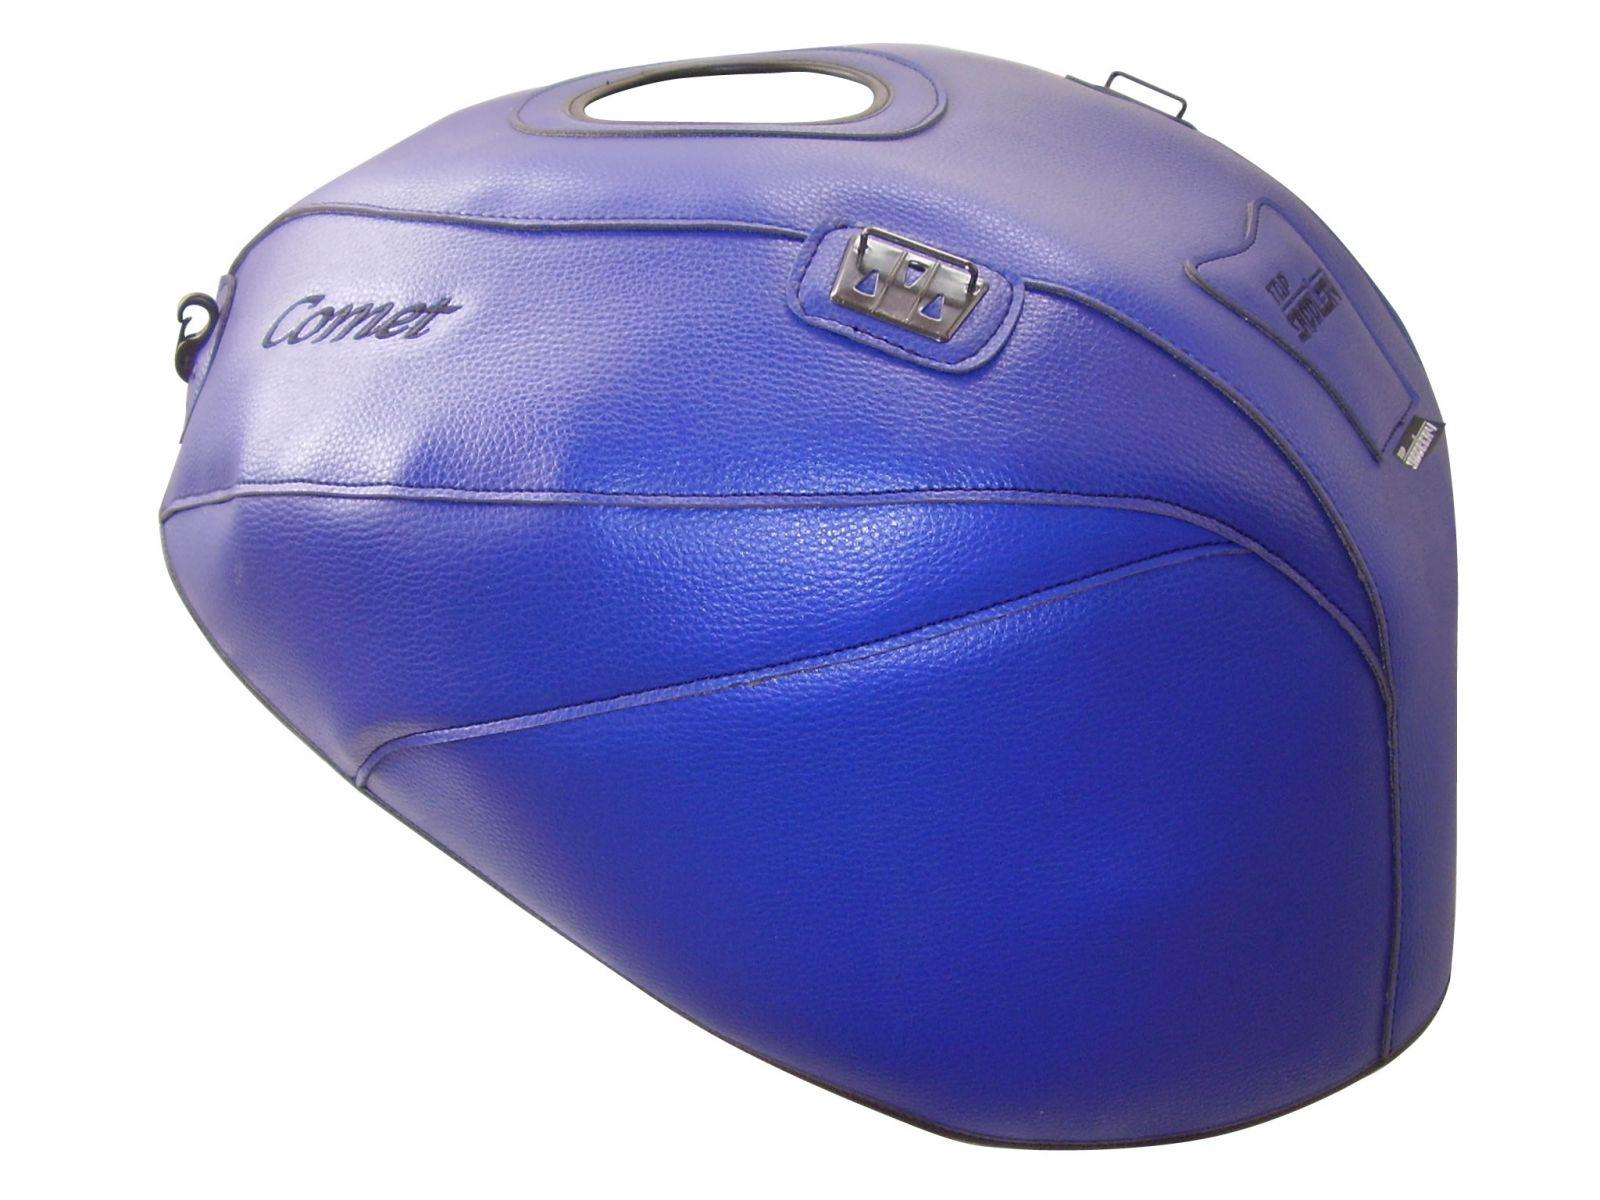 Cubre depósito TPR3378 - HYOSUNG COMET 125 [2003-2008]